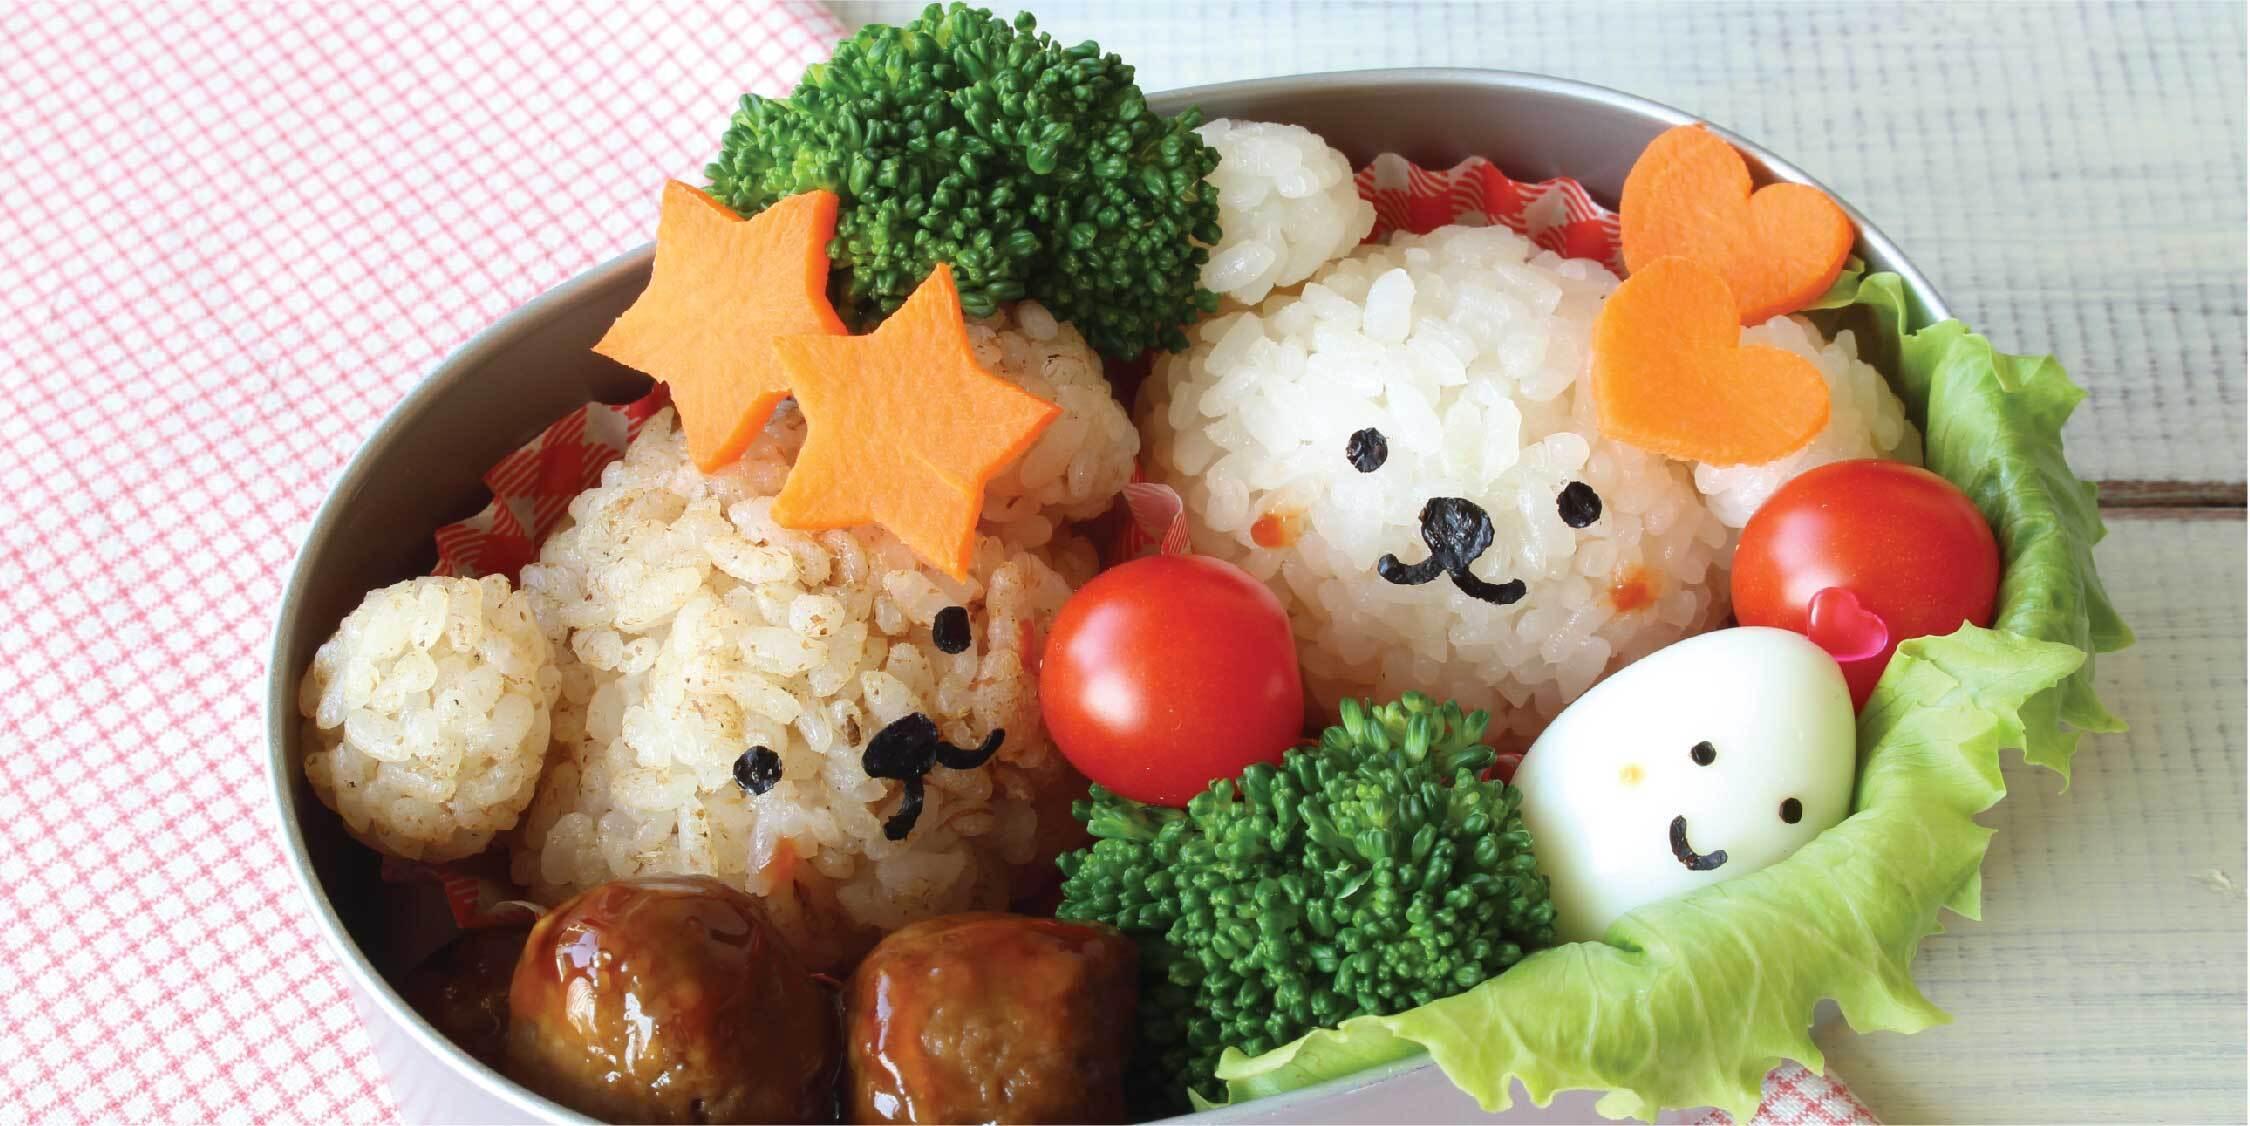 Ilustrasi bisnis katering makanan rumahan, bisnis catering makanan, bisnis catering makan siang, gambar catering rumahan